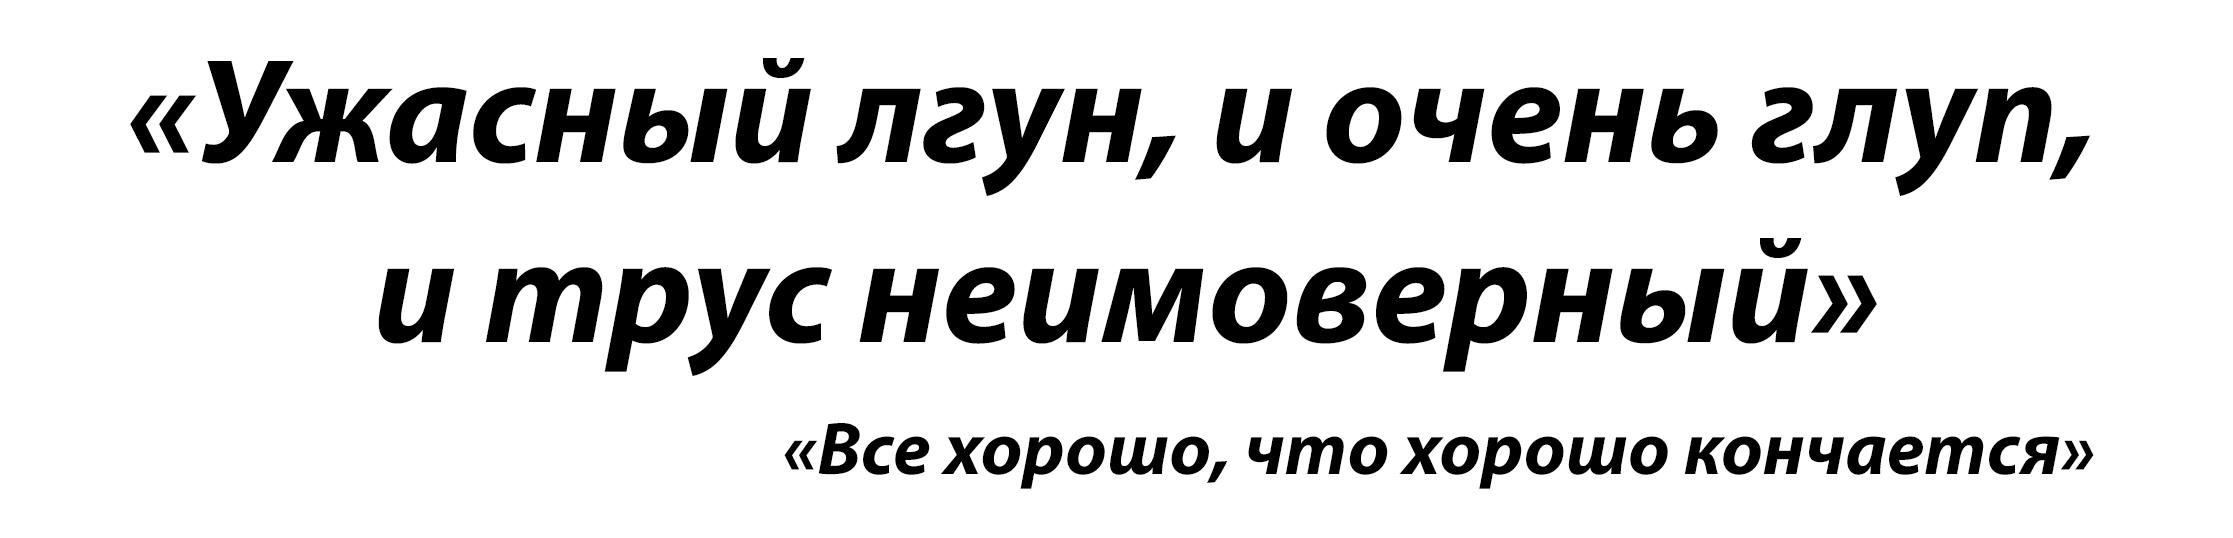 1596708871_011.jpg